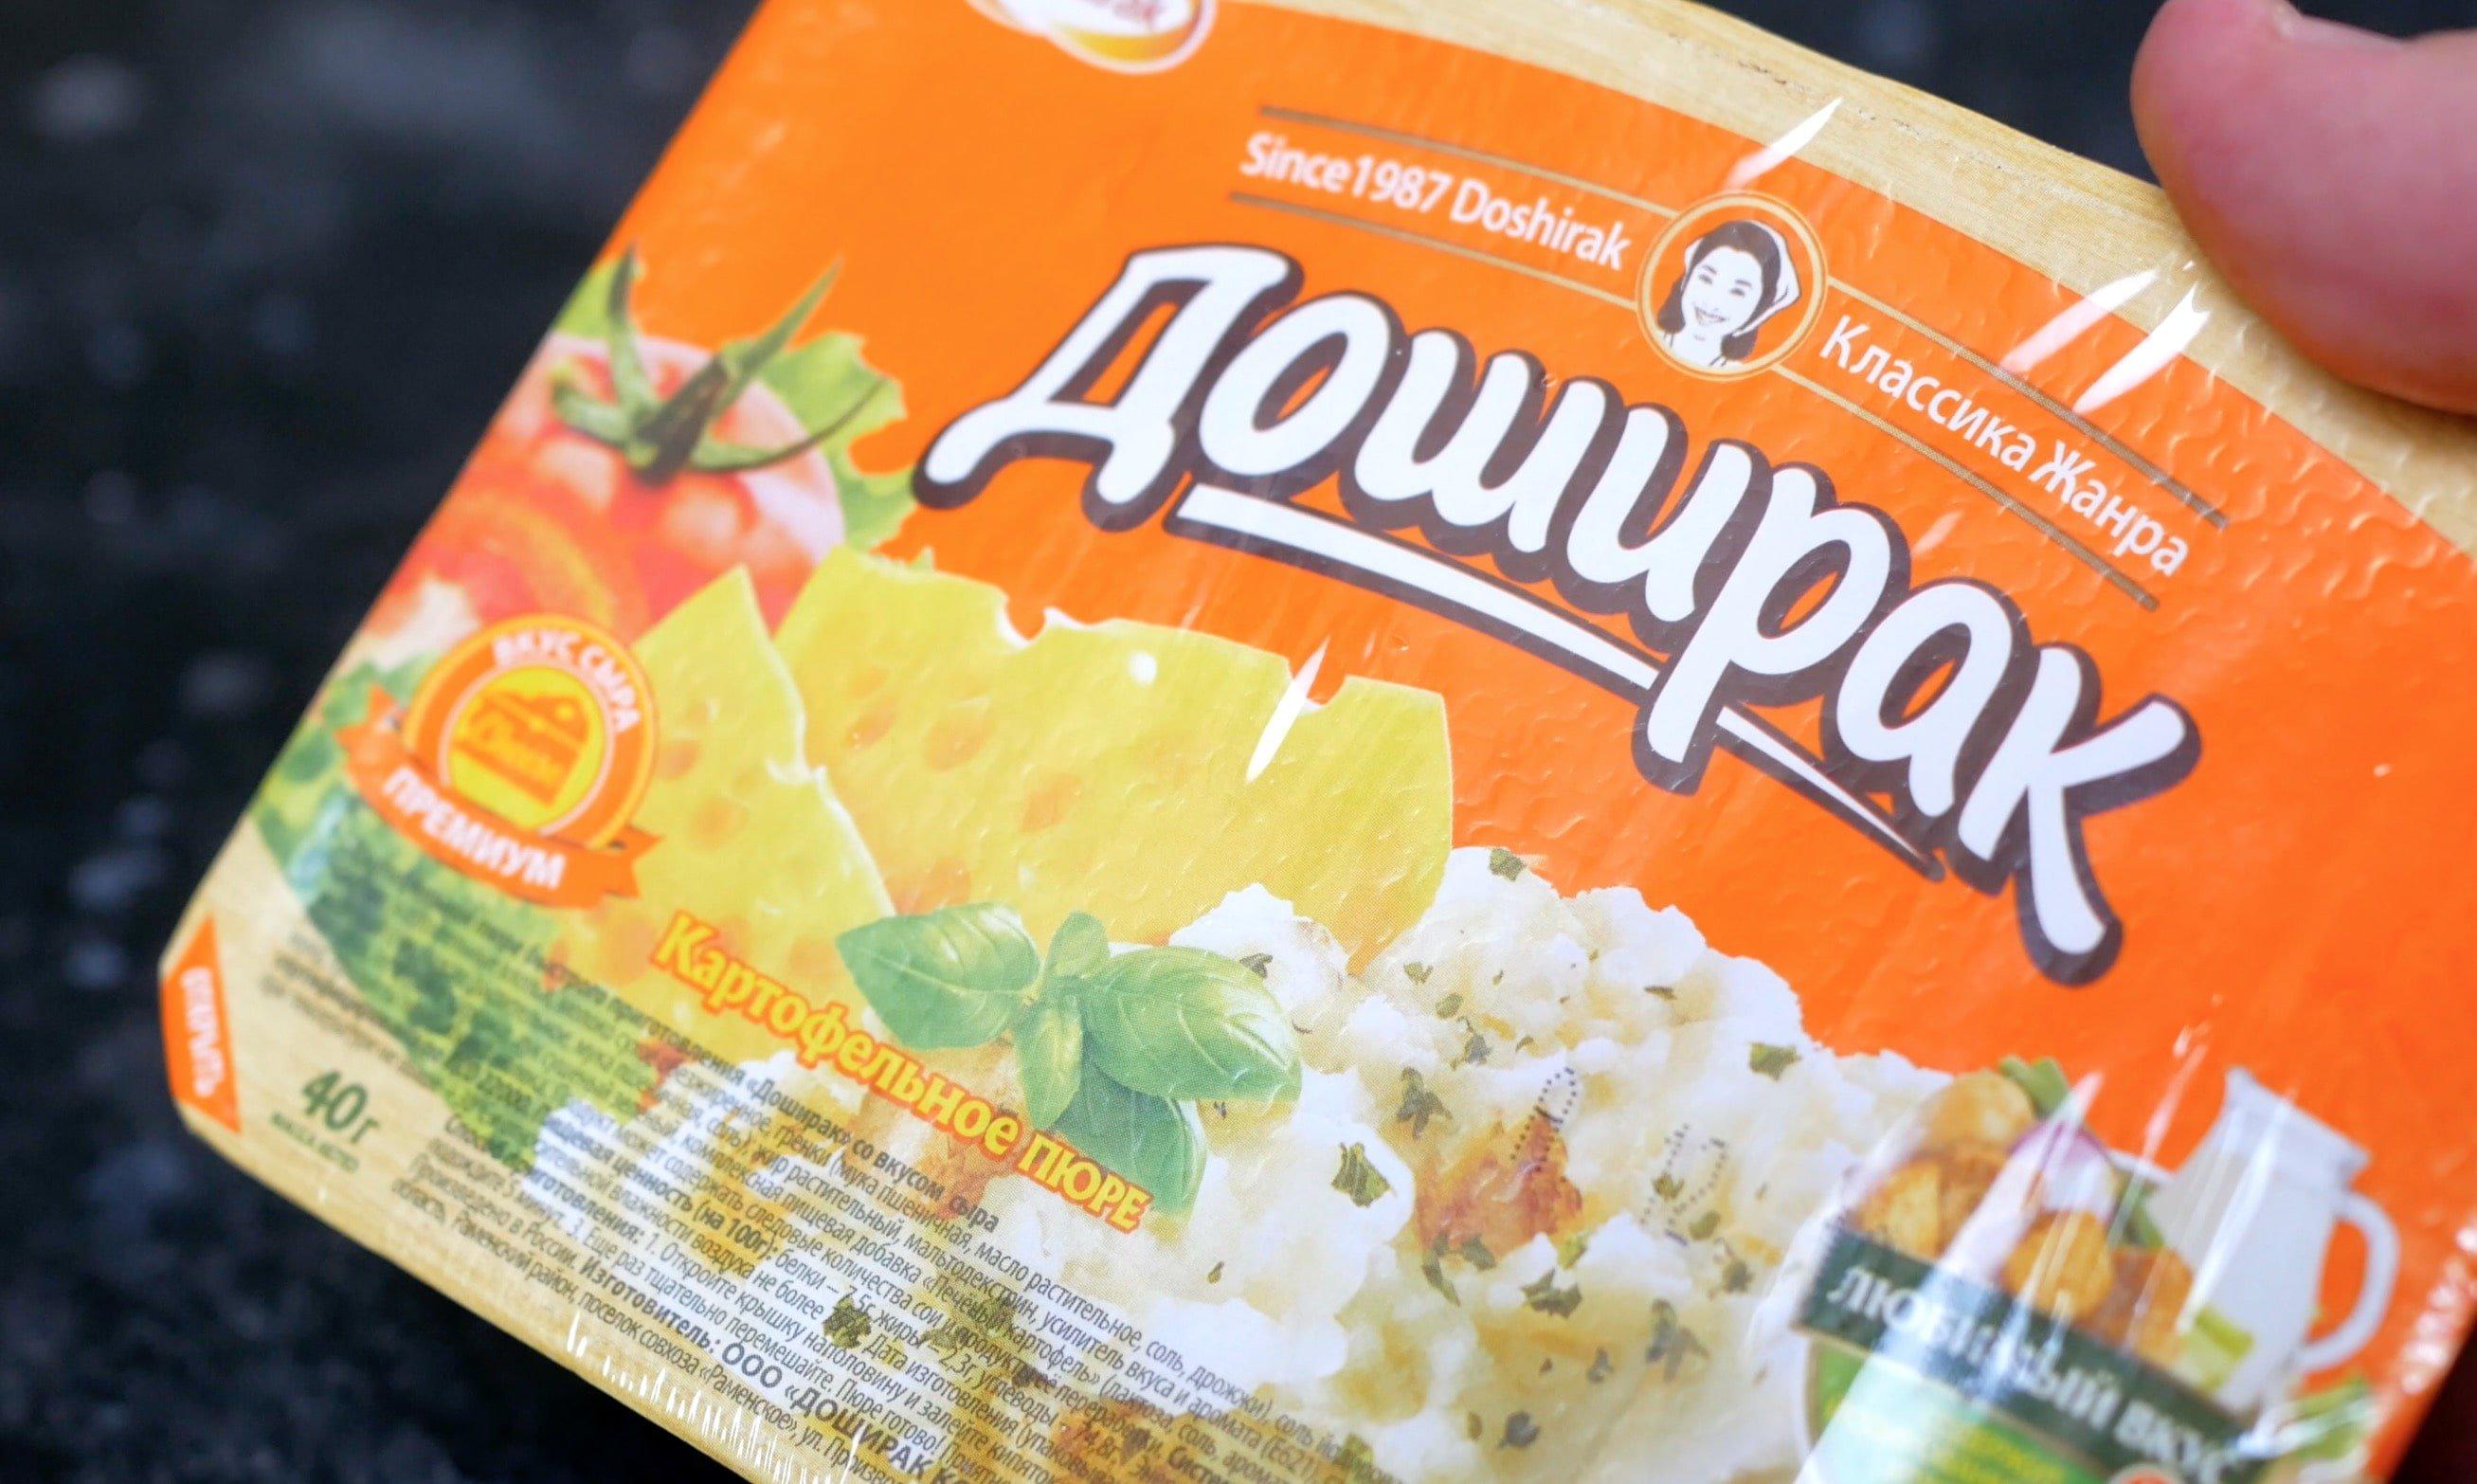 Картофельное пюре со вкусом сыра - 34 рубля